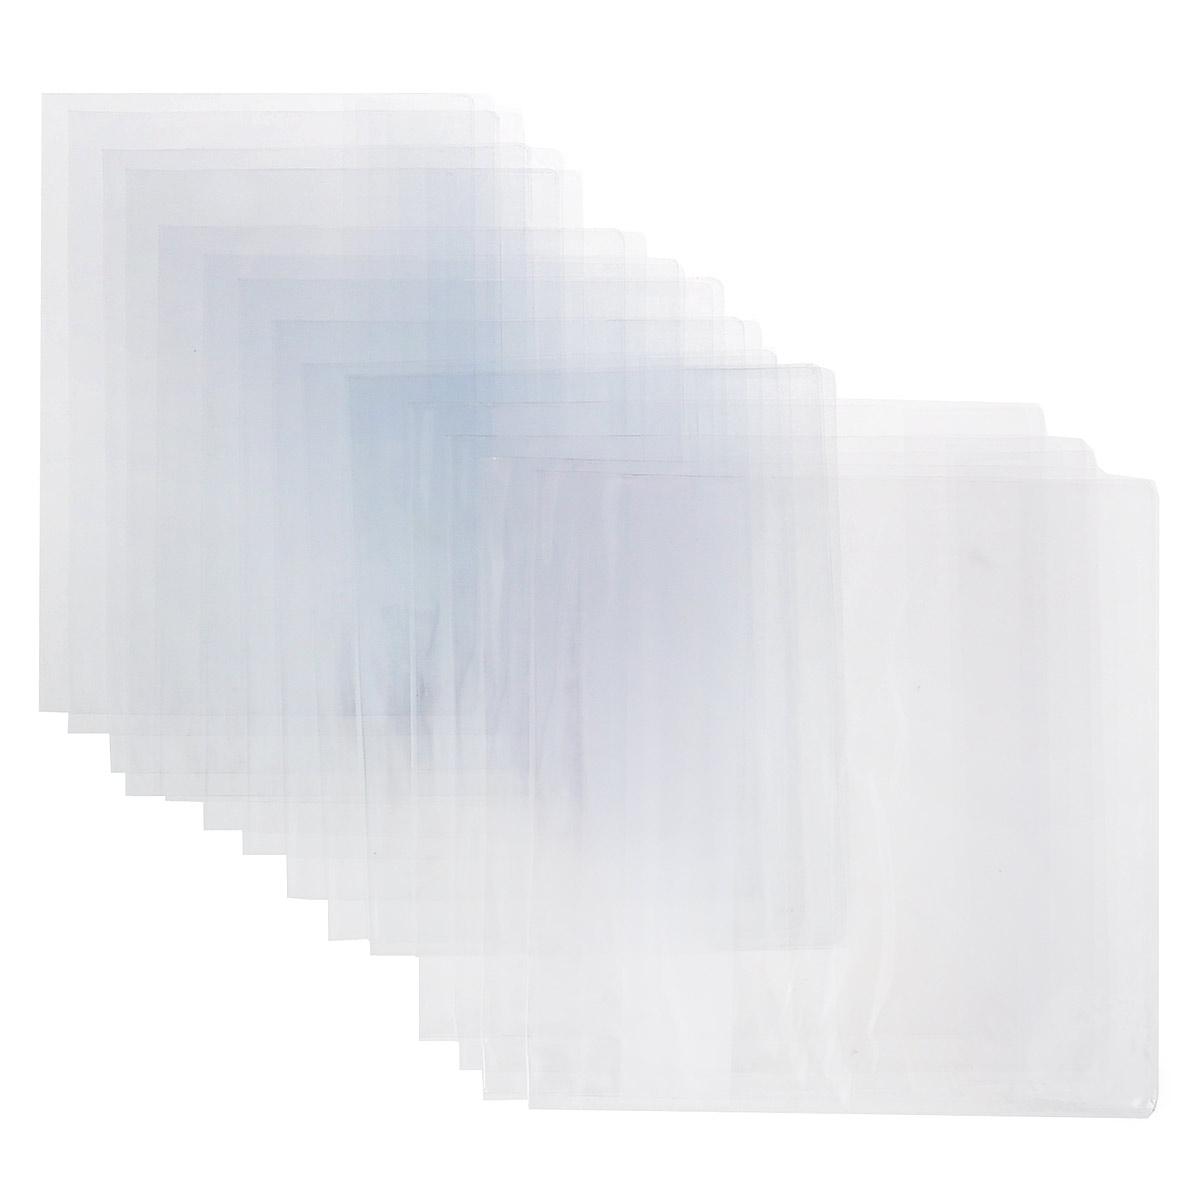 Набор обложек для старших классов Брупак, цвет: прозрачный, 15 шт72523WDПрозрачные гладкие обложки, выполненные из ПВХ, защитят учебники и тетради от загрязнений на всем протяжении их использования.Комплект включает в себя пятнадцать обложек: четыре универсальные обложки для учебников размером 23 см х 46,5 см, четыре обложки для учебников старших классов размером 23 см х 33 см, семь обложек для тетрадей и дневников размером 21 см х 35,5 см.